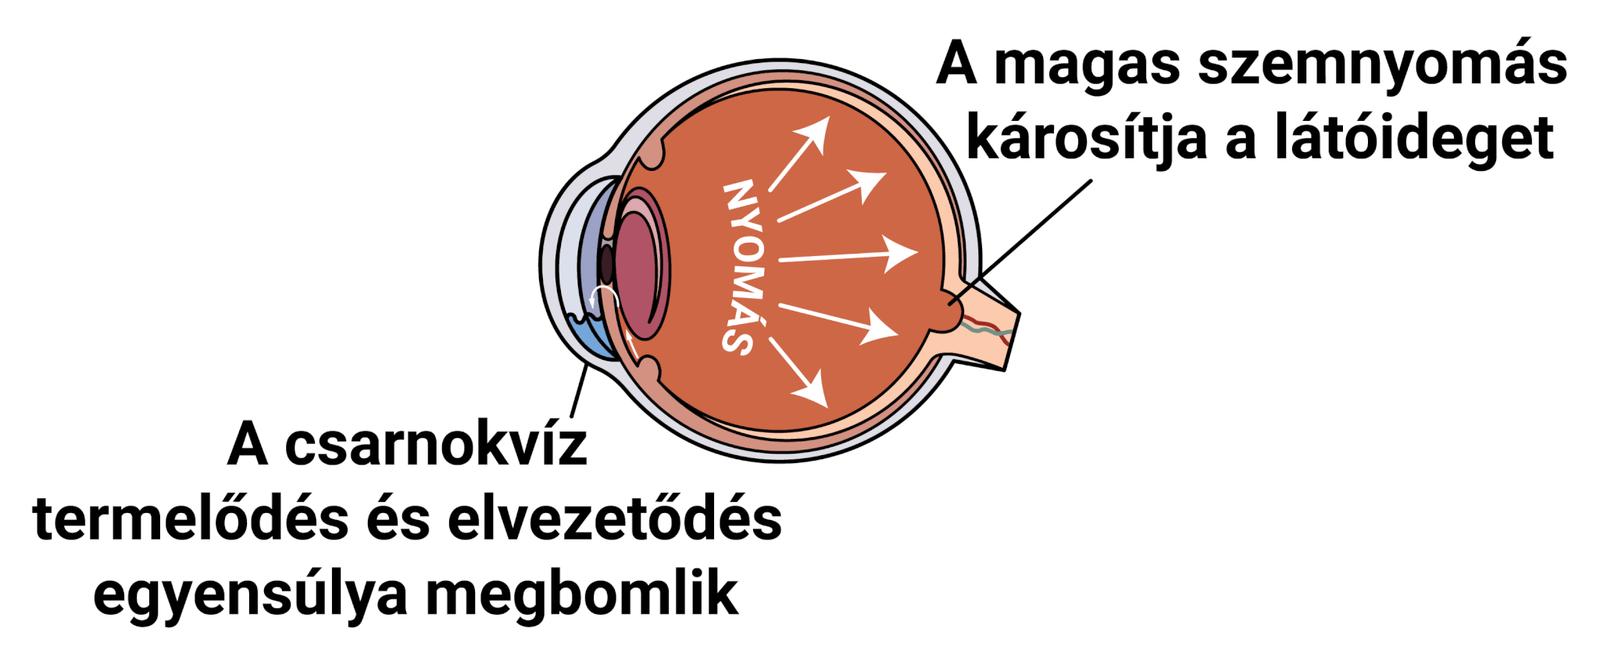 A látáskárosodás leggyakoribb okai